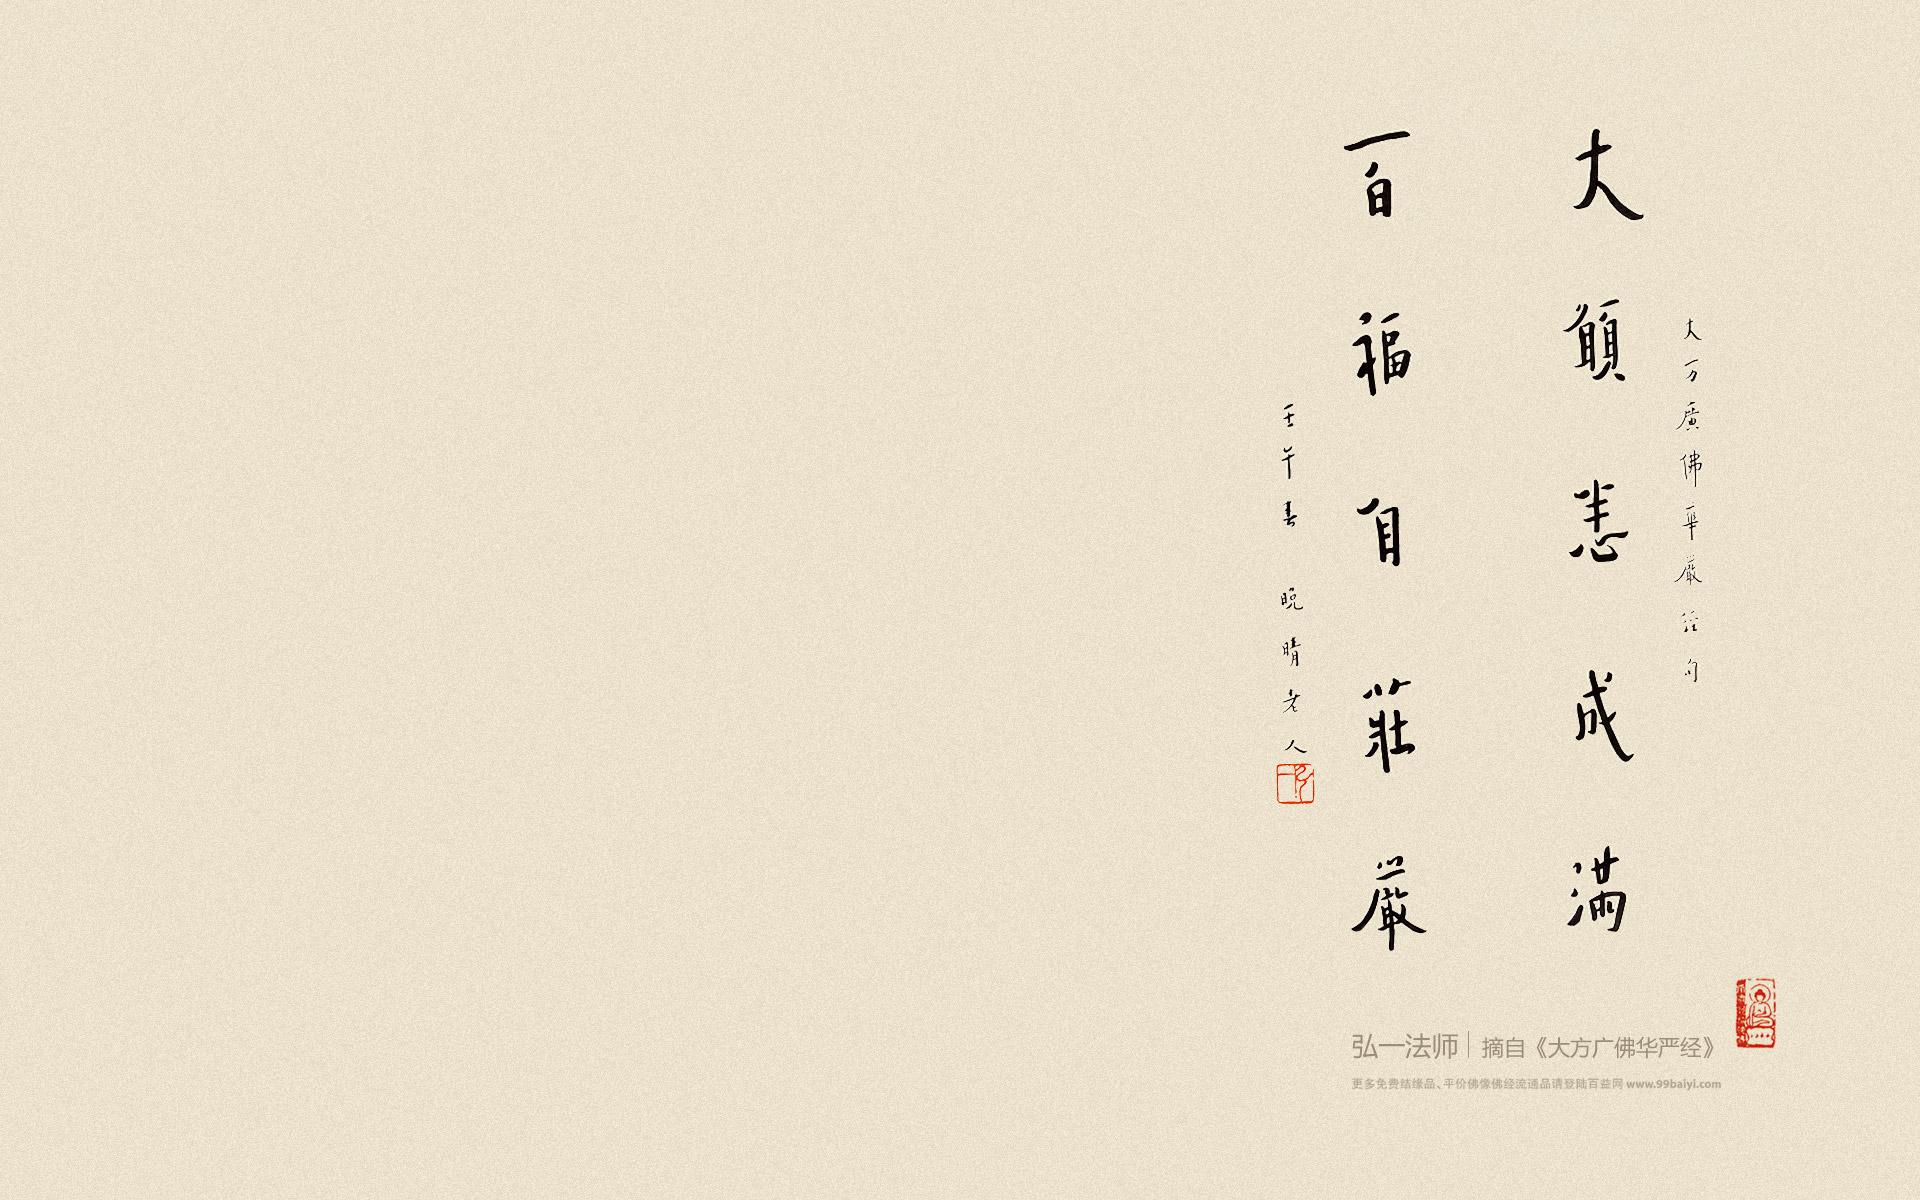 佛教桌面壁纸-弘一法师-2010年04月19201200.jpg